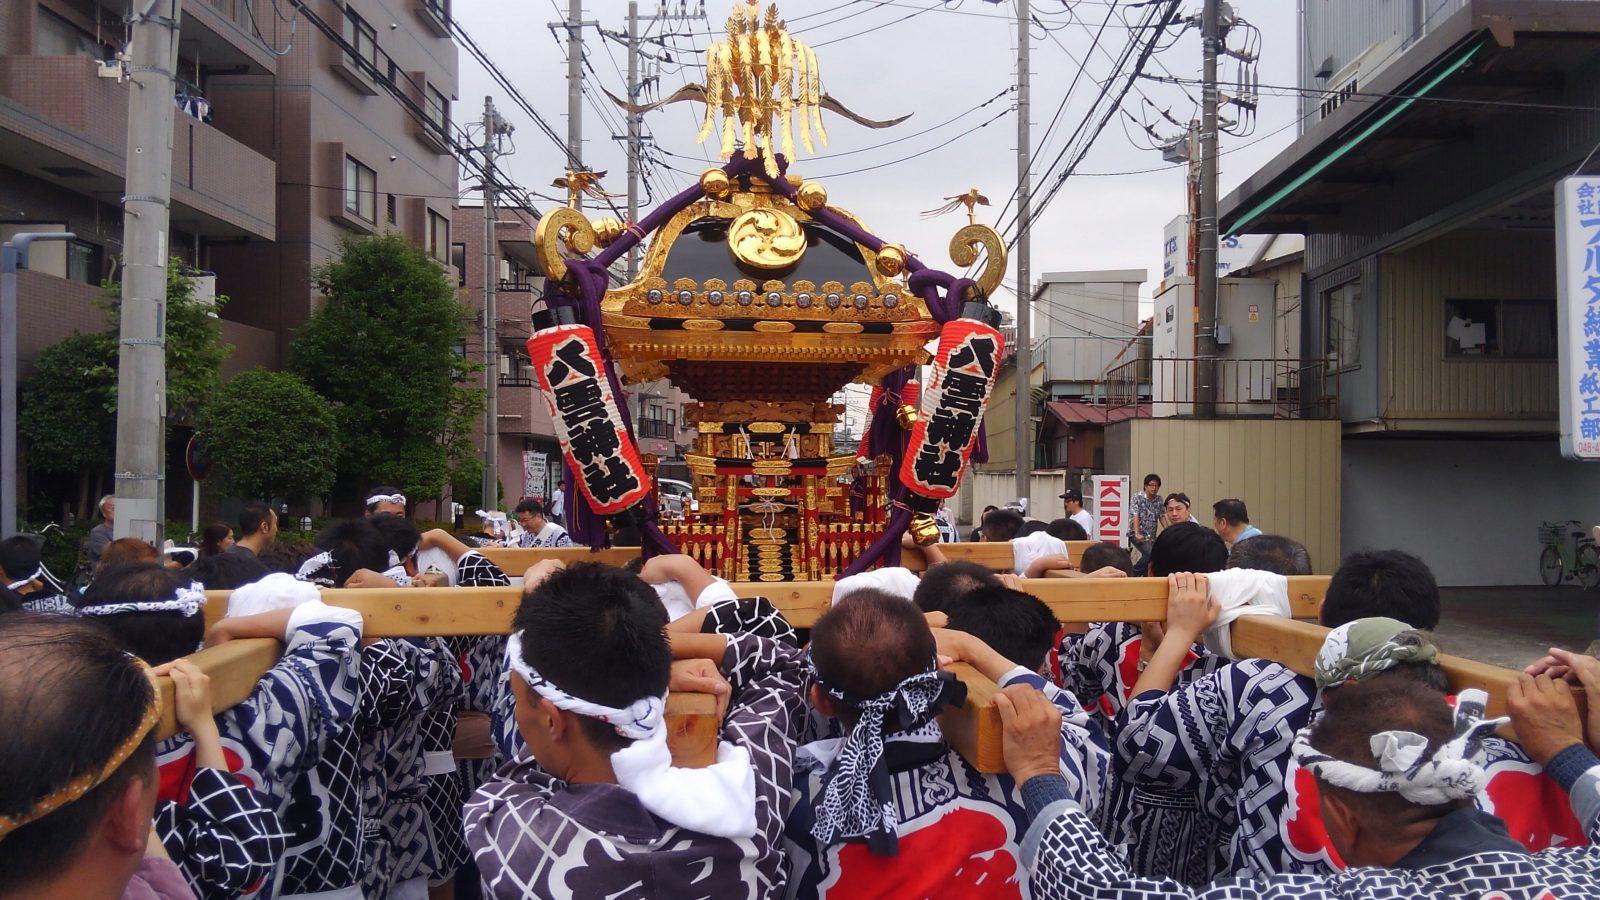 町会夏祭りでお神輿担ぎを楽しみました | 【真木大輔】戸田市議会議員